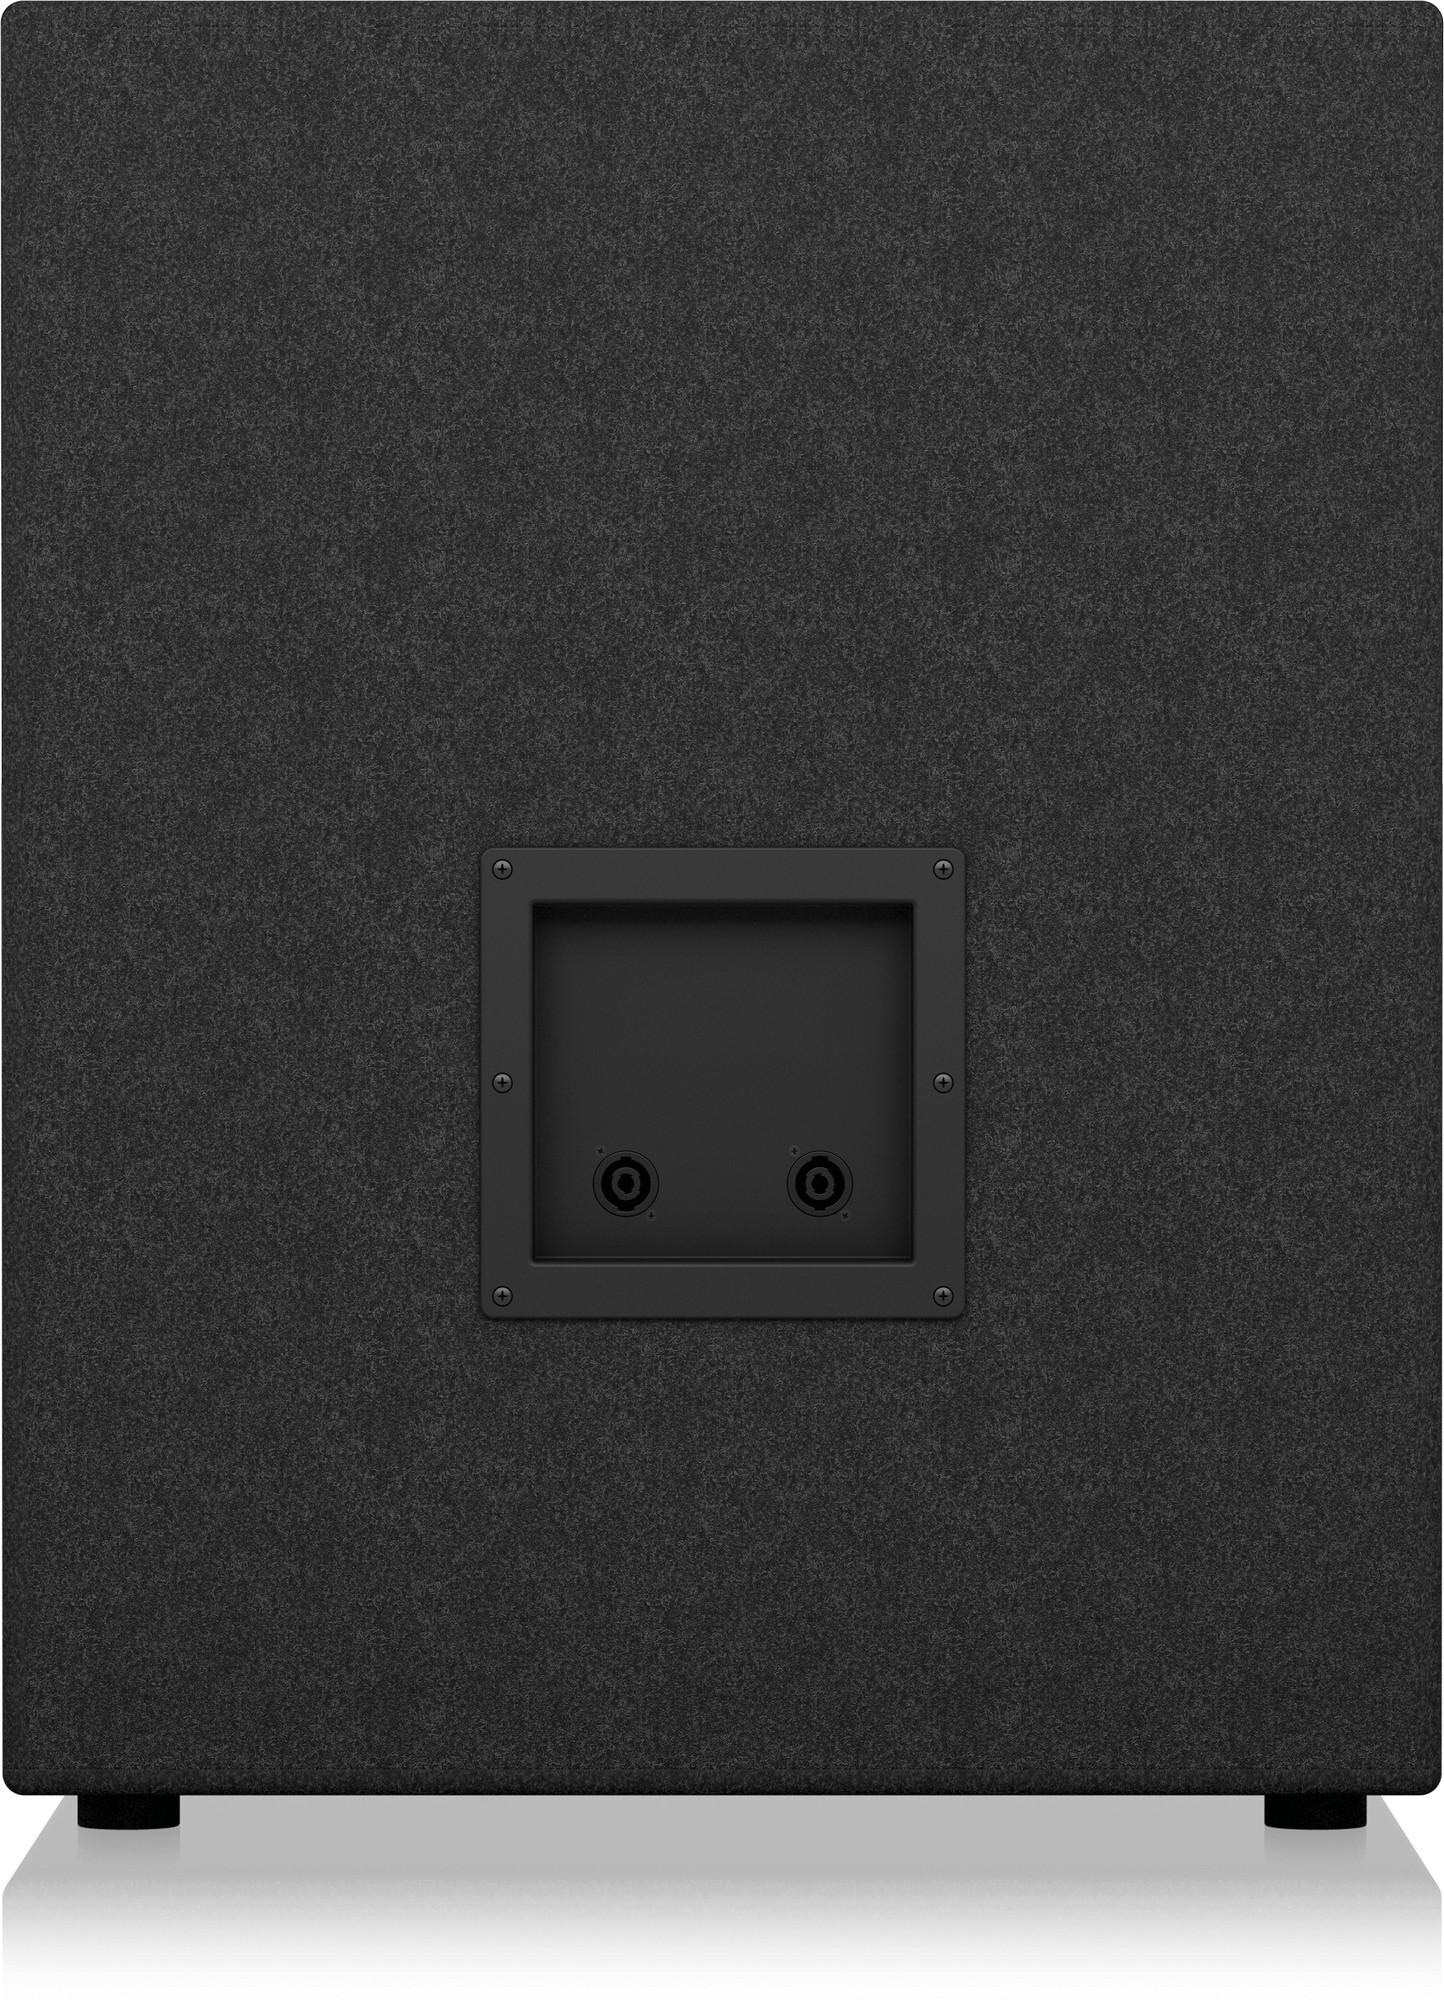 Loa Behringer VP1800S - Loa siêu trầm - Subwoofer-Hàng Chính Hãng